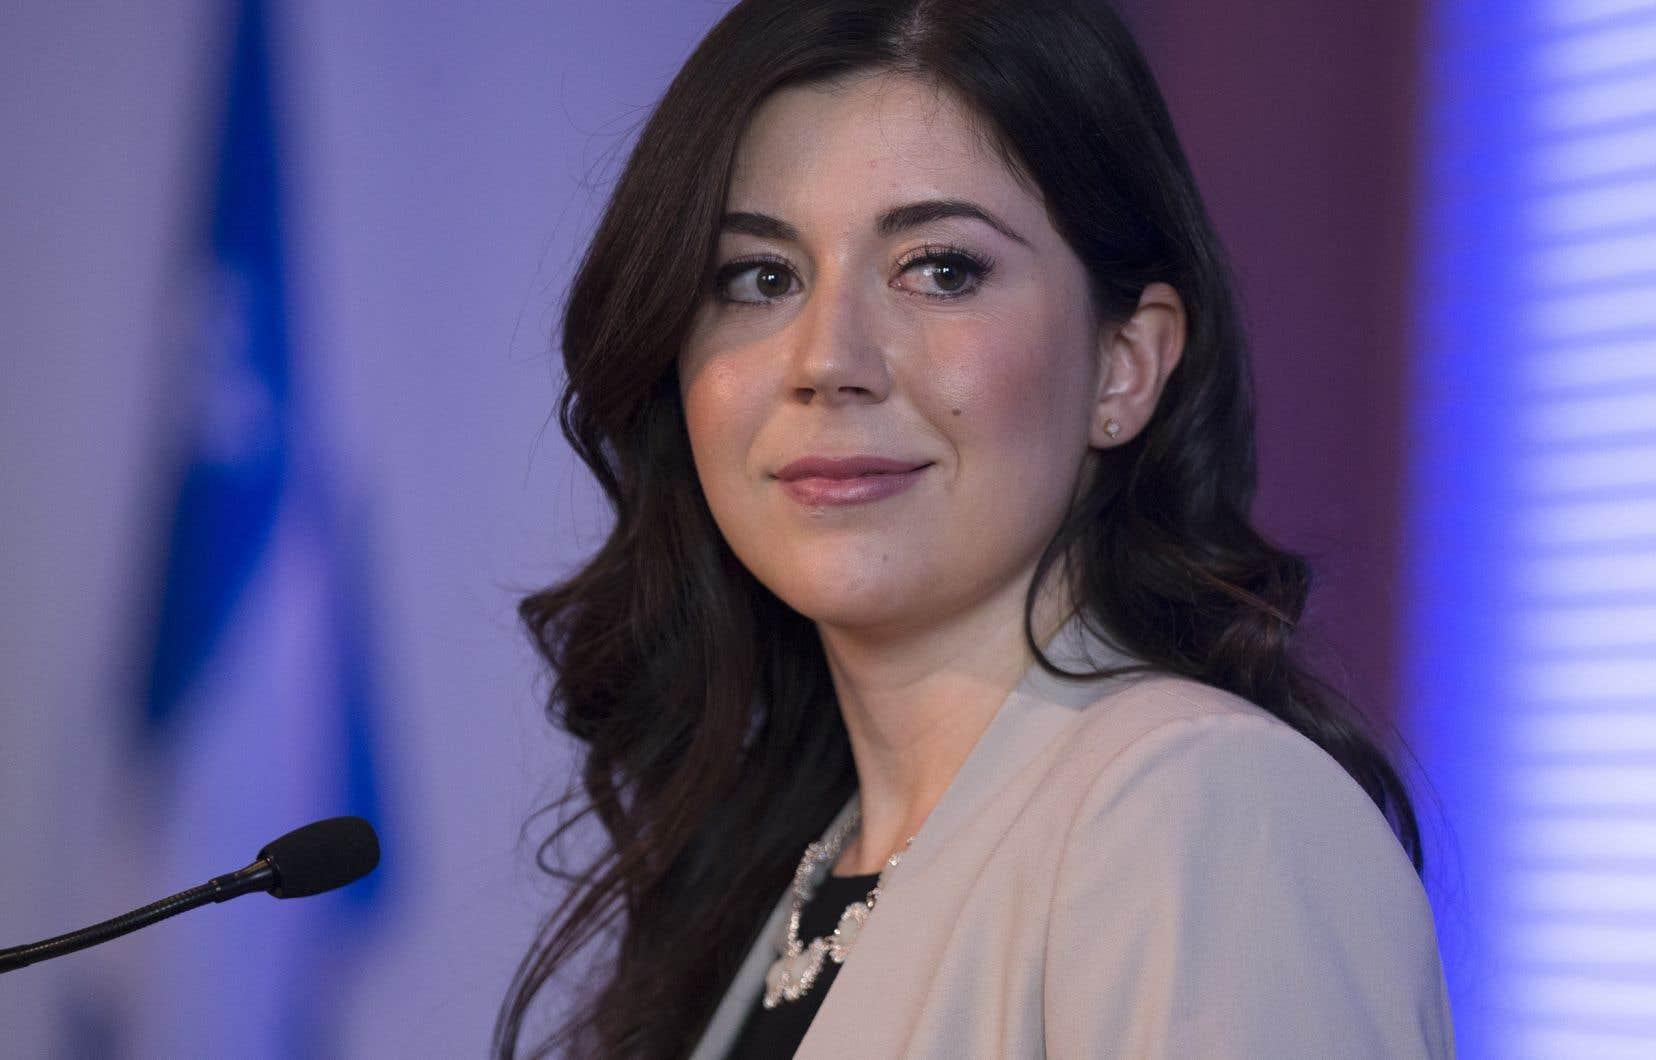 Catherine Fournier a confirmé jeudi sur les réseaux sociaux qu'elle deviendra candidate à la mairie de Longueuilen prévision du scrutin municipal du 7novembre prochain.